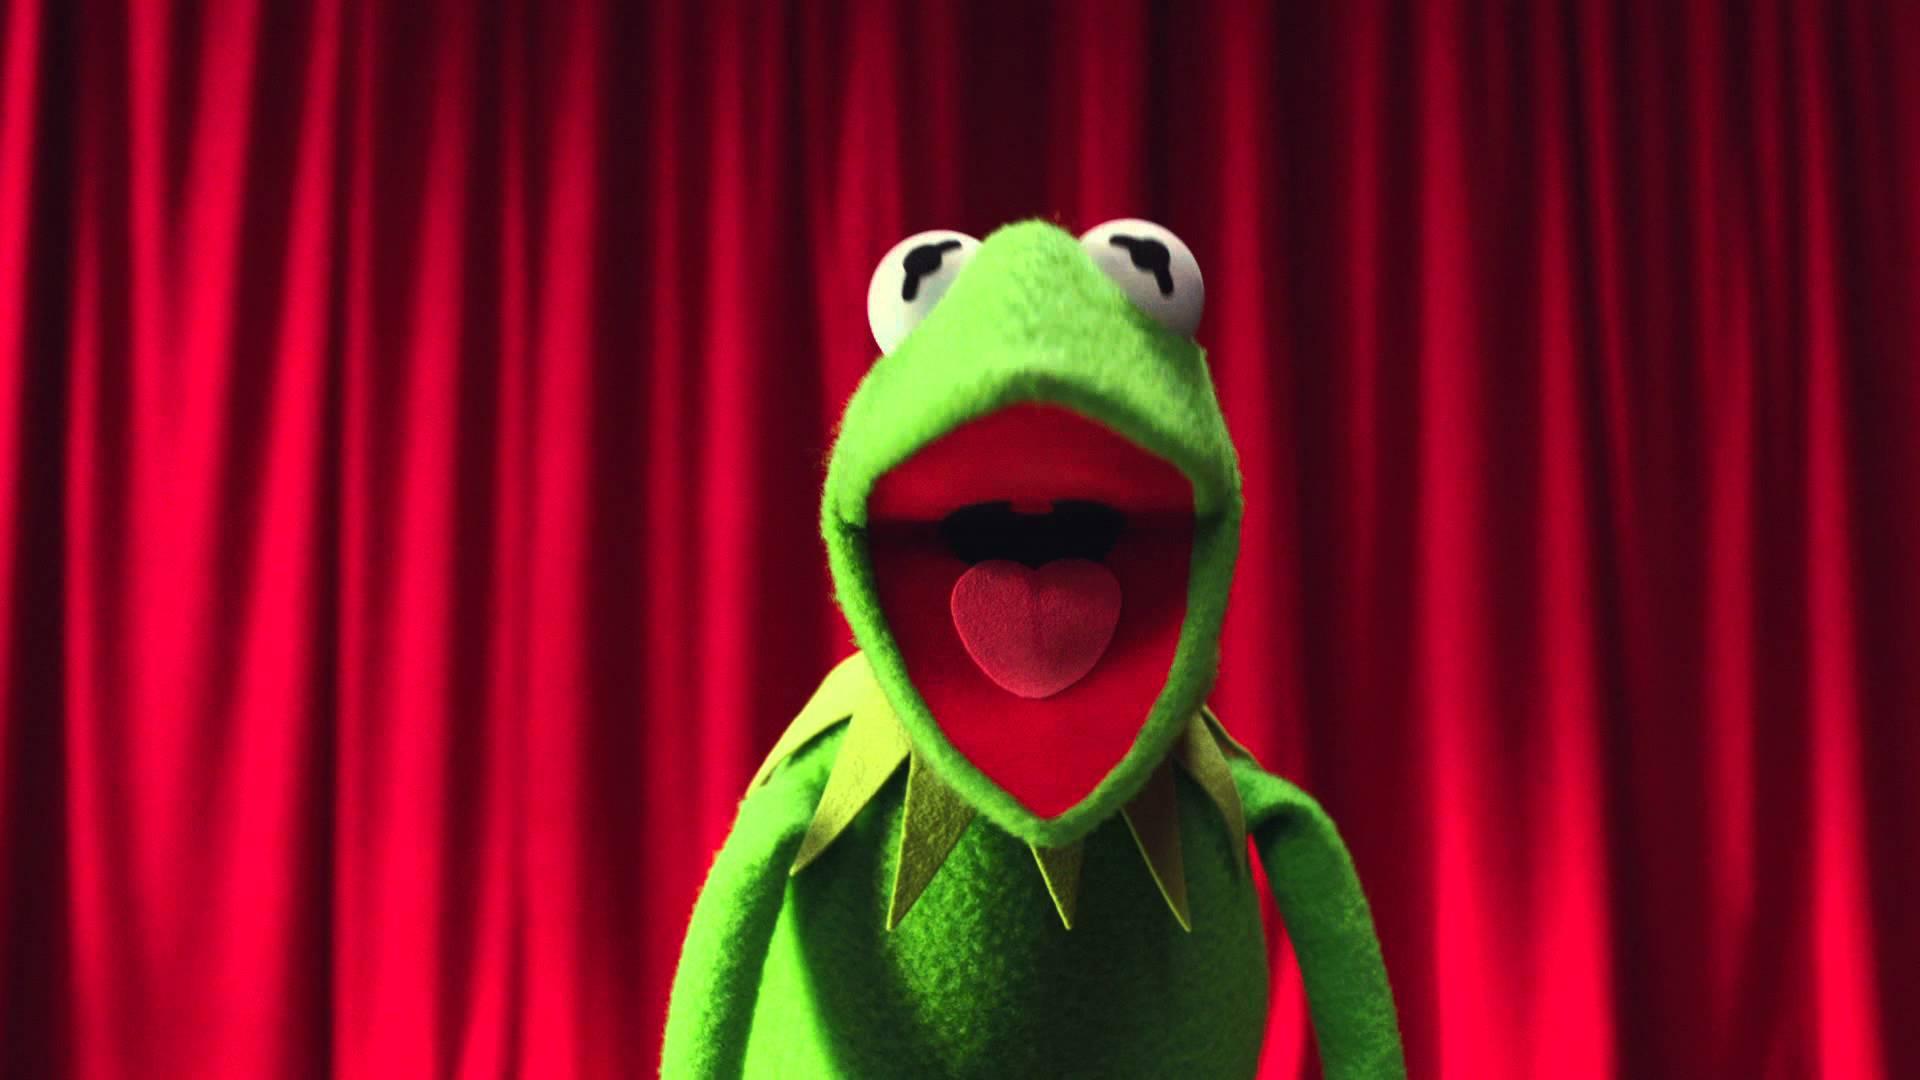 kermit-muppets Muppets: Kermit bekommt eine neue Stimme